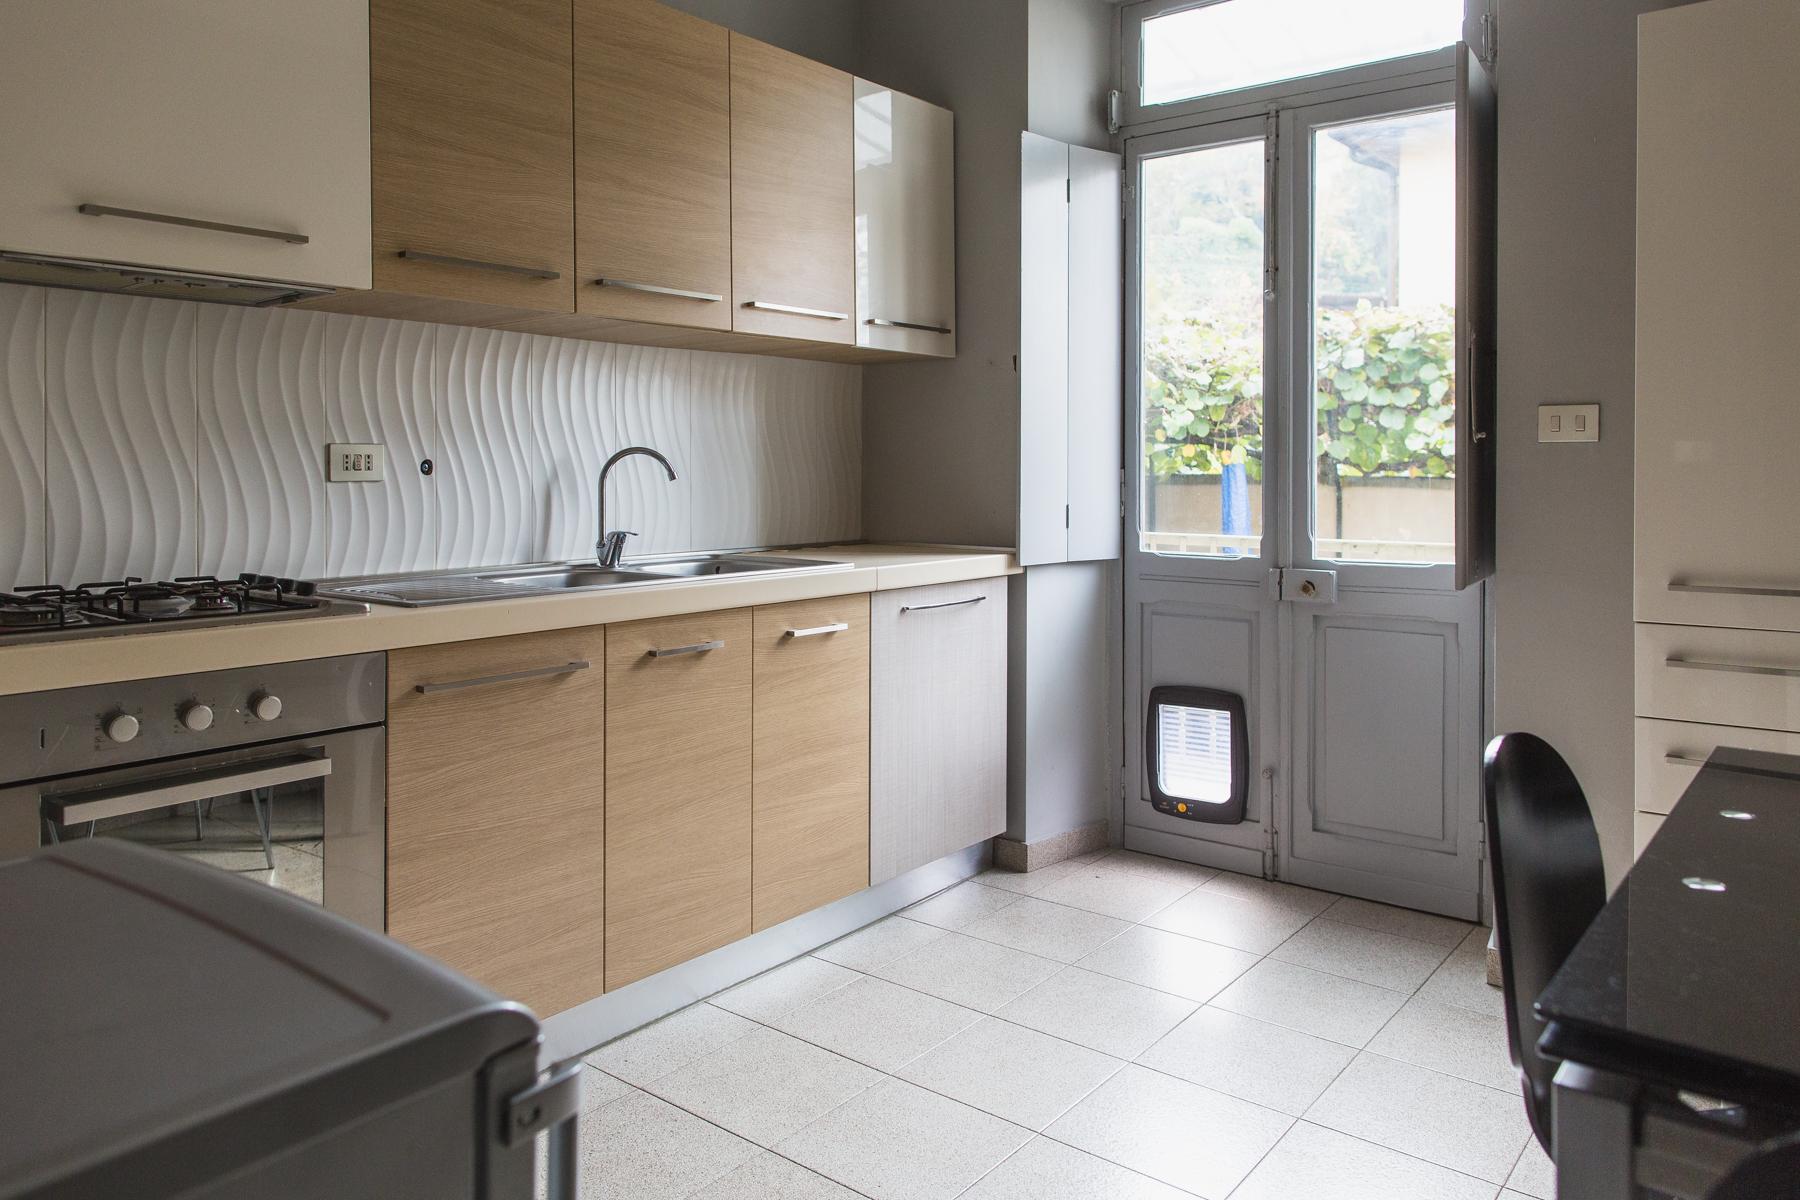 Villa in Vendita a Torino: 5 locali, 250 mq - Foto 12